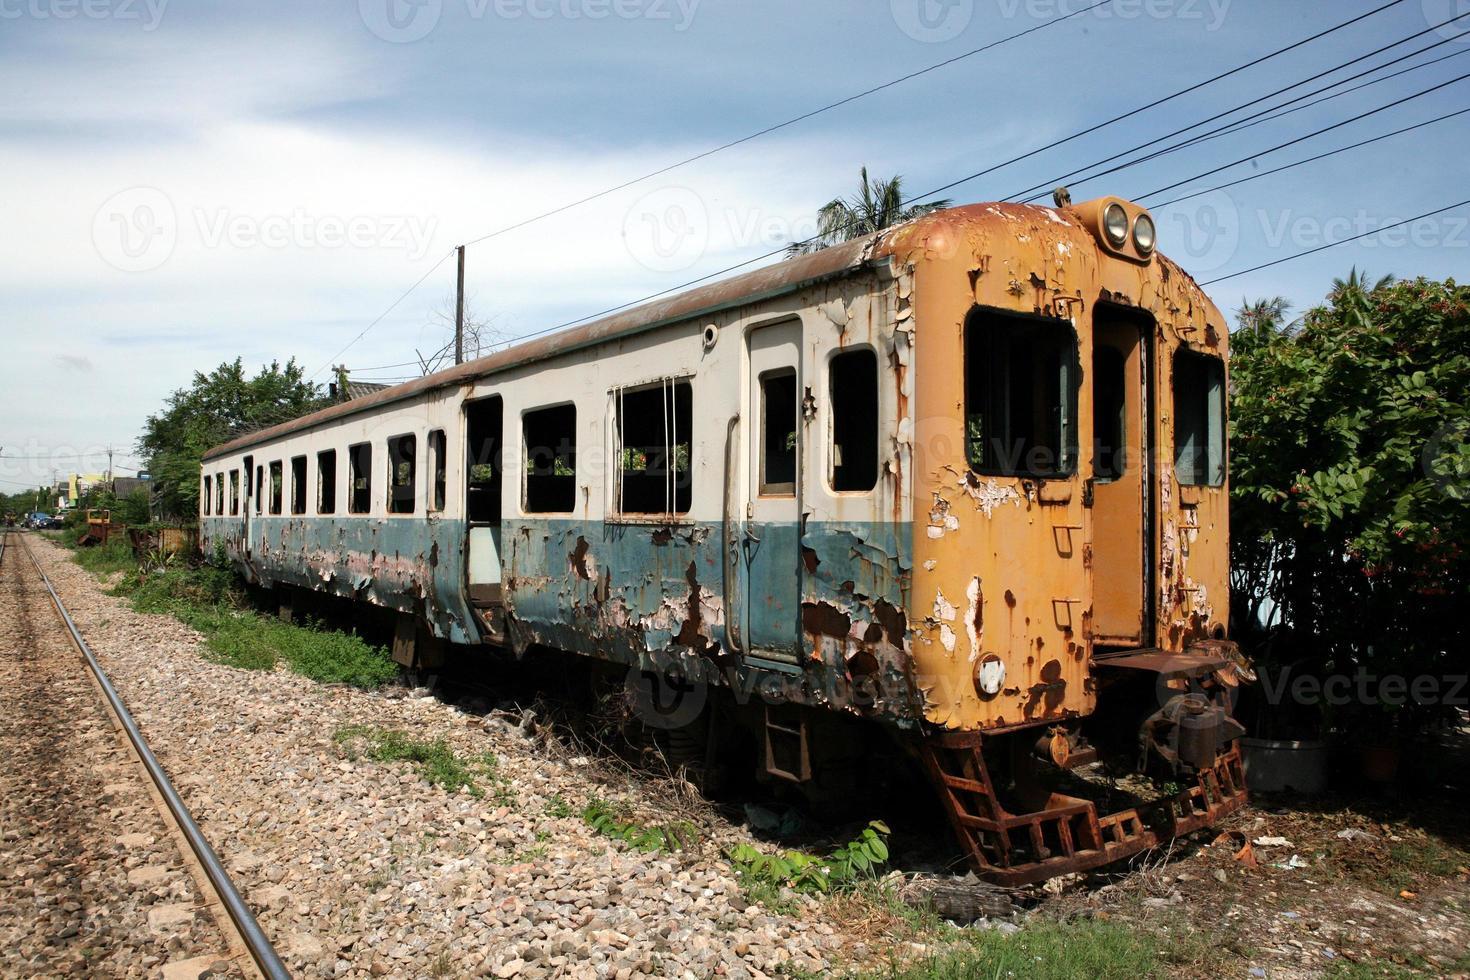 verlaten trein foto